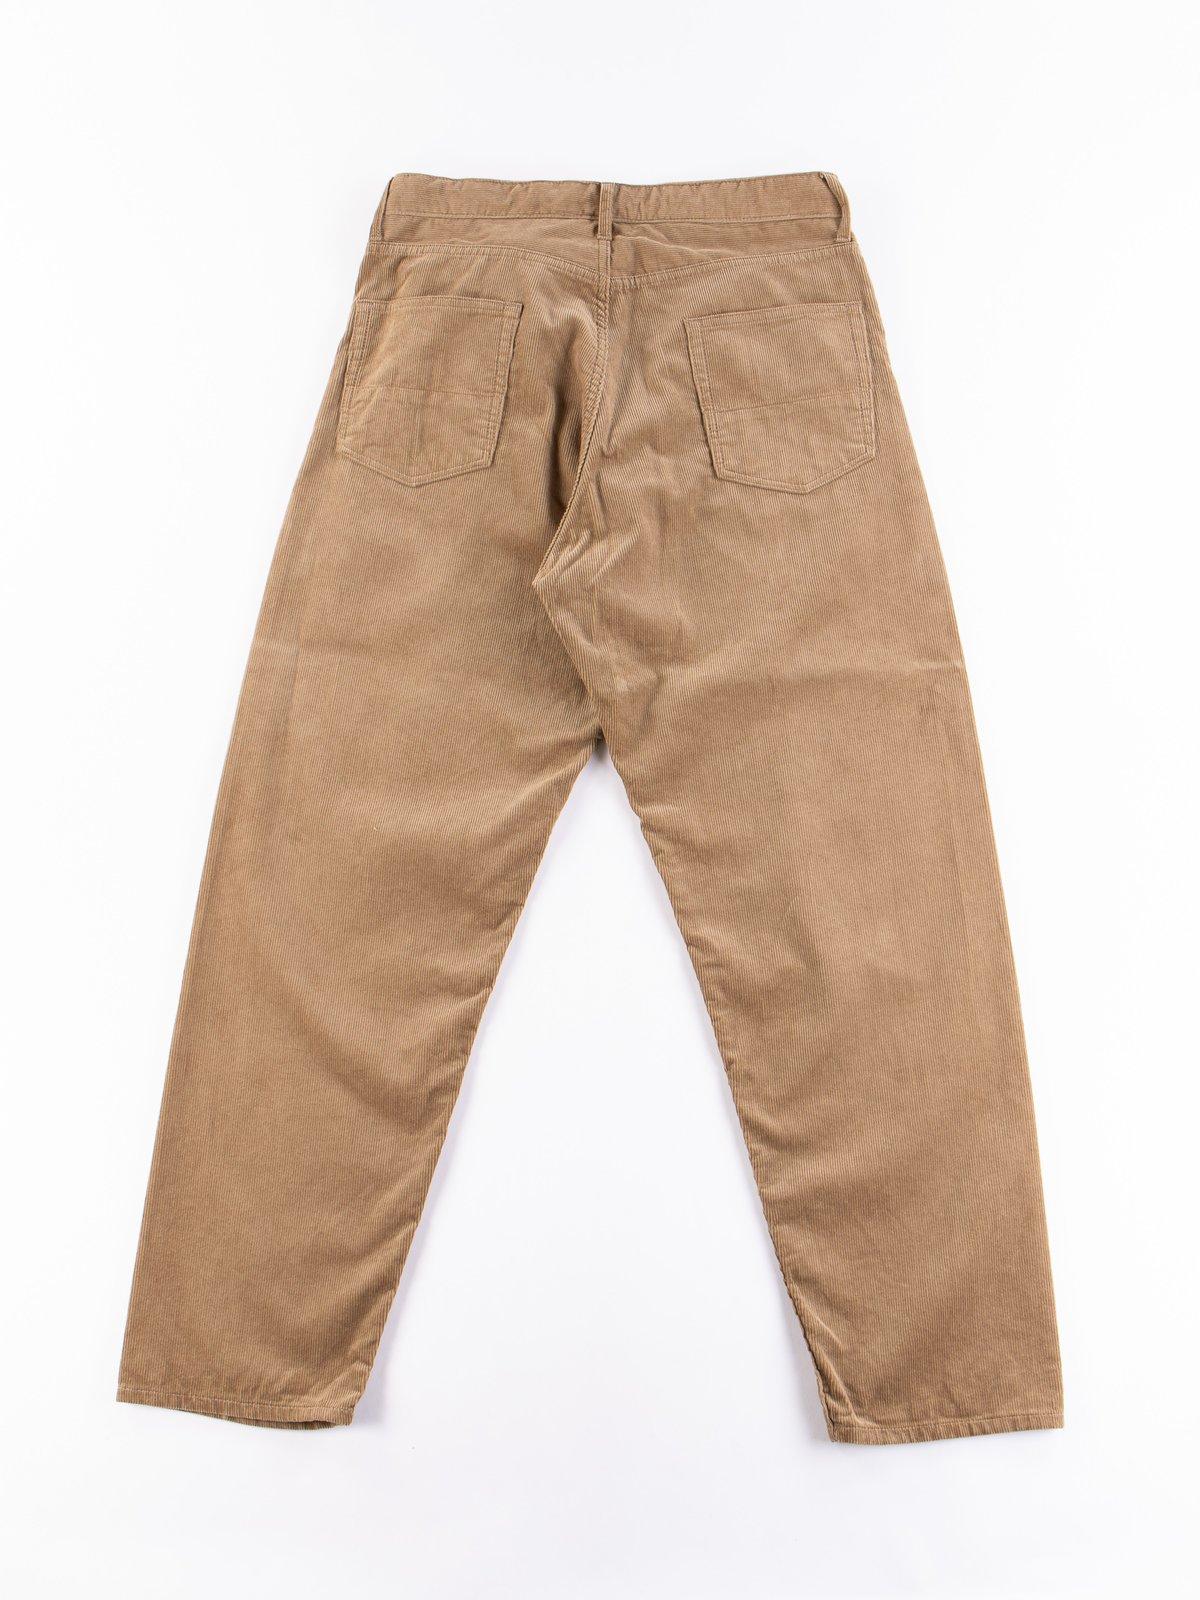 Khaki 14W Corduroy Wide Peg Jean - Image 5